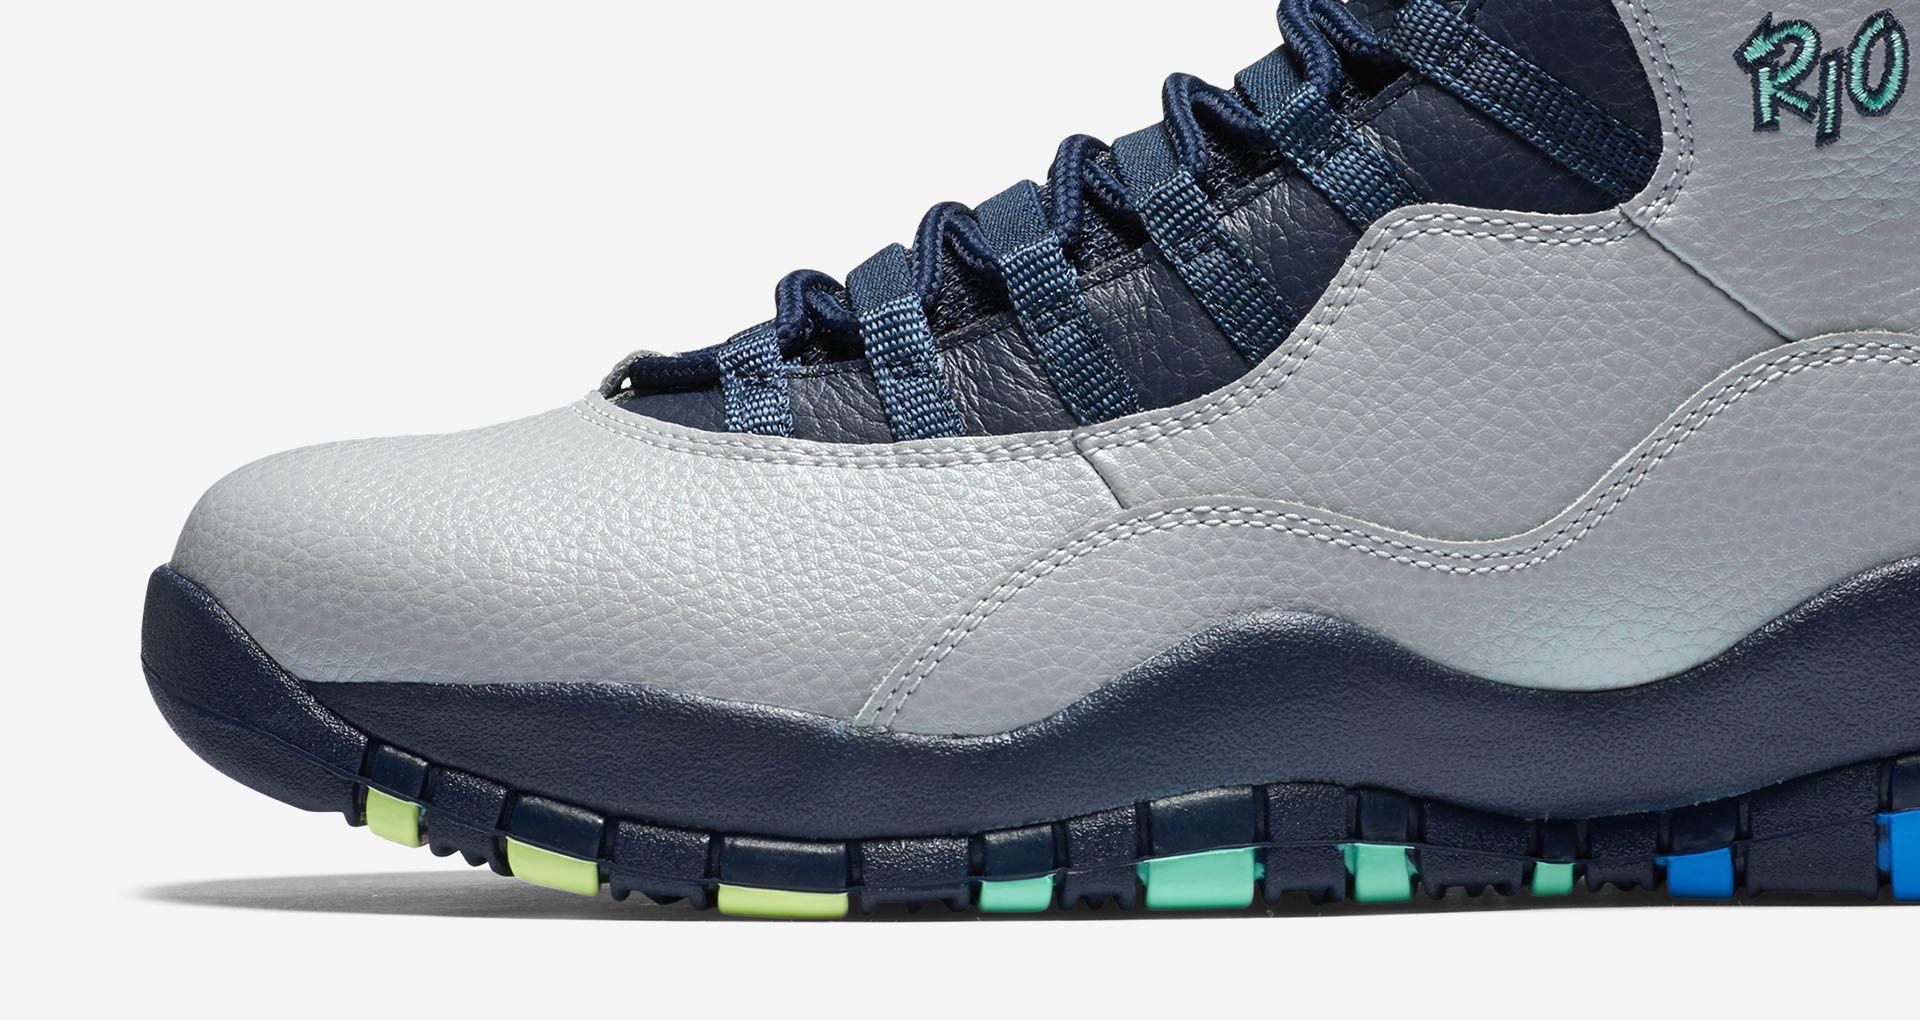 3db96d0a792 Air Jordan 10 Retro  Rio  Release Date. Nike+ SNKRS